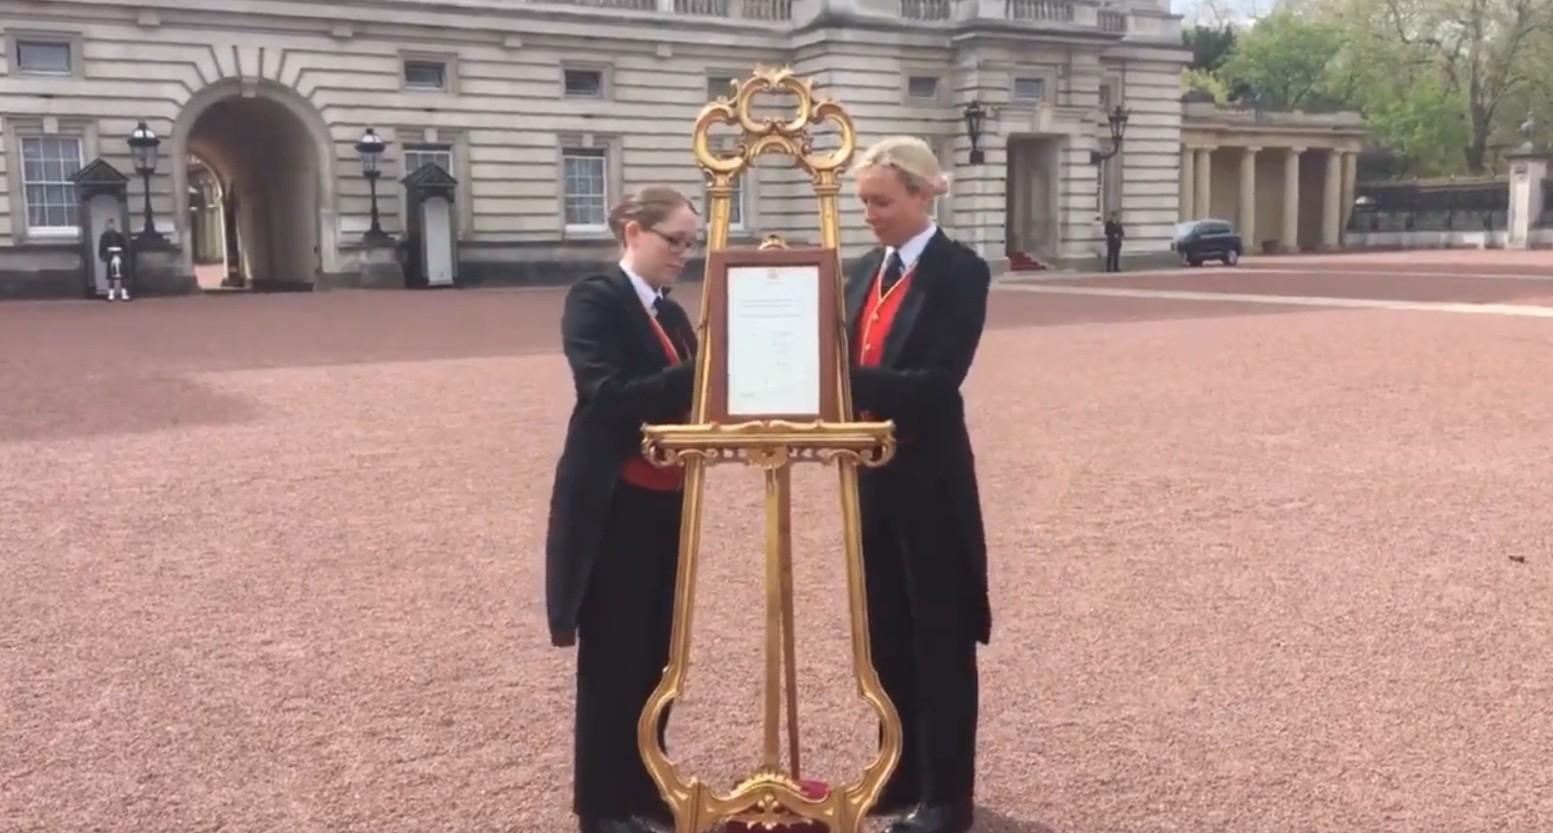 aviso foi colocado em frente ao palácio de Buckingham (Foto: Reprodução/Twitter)